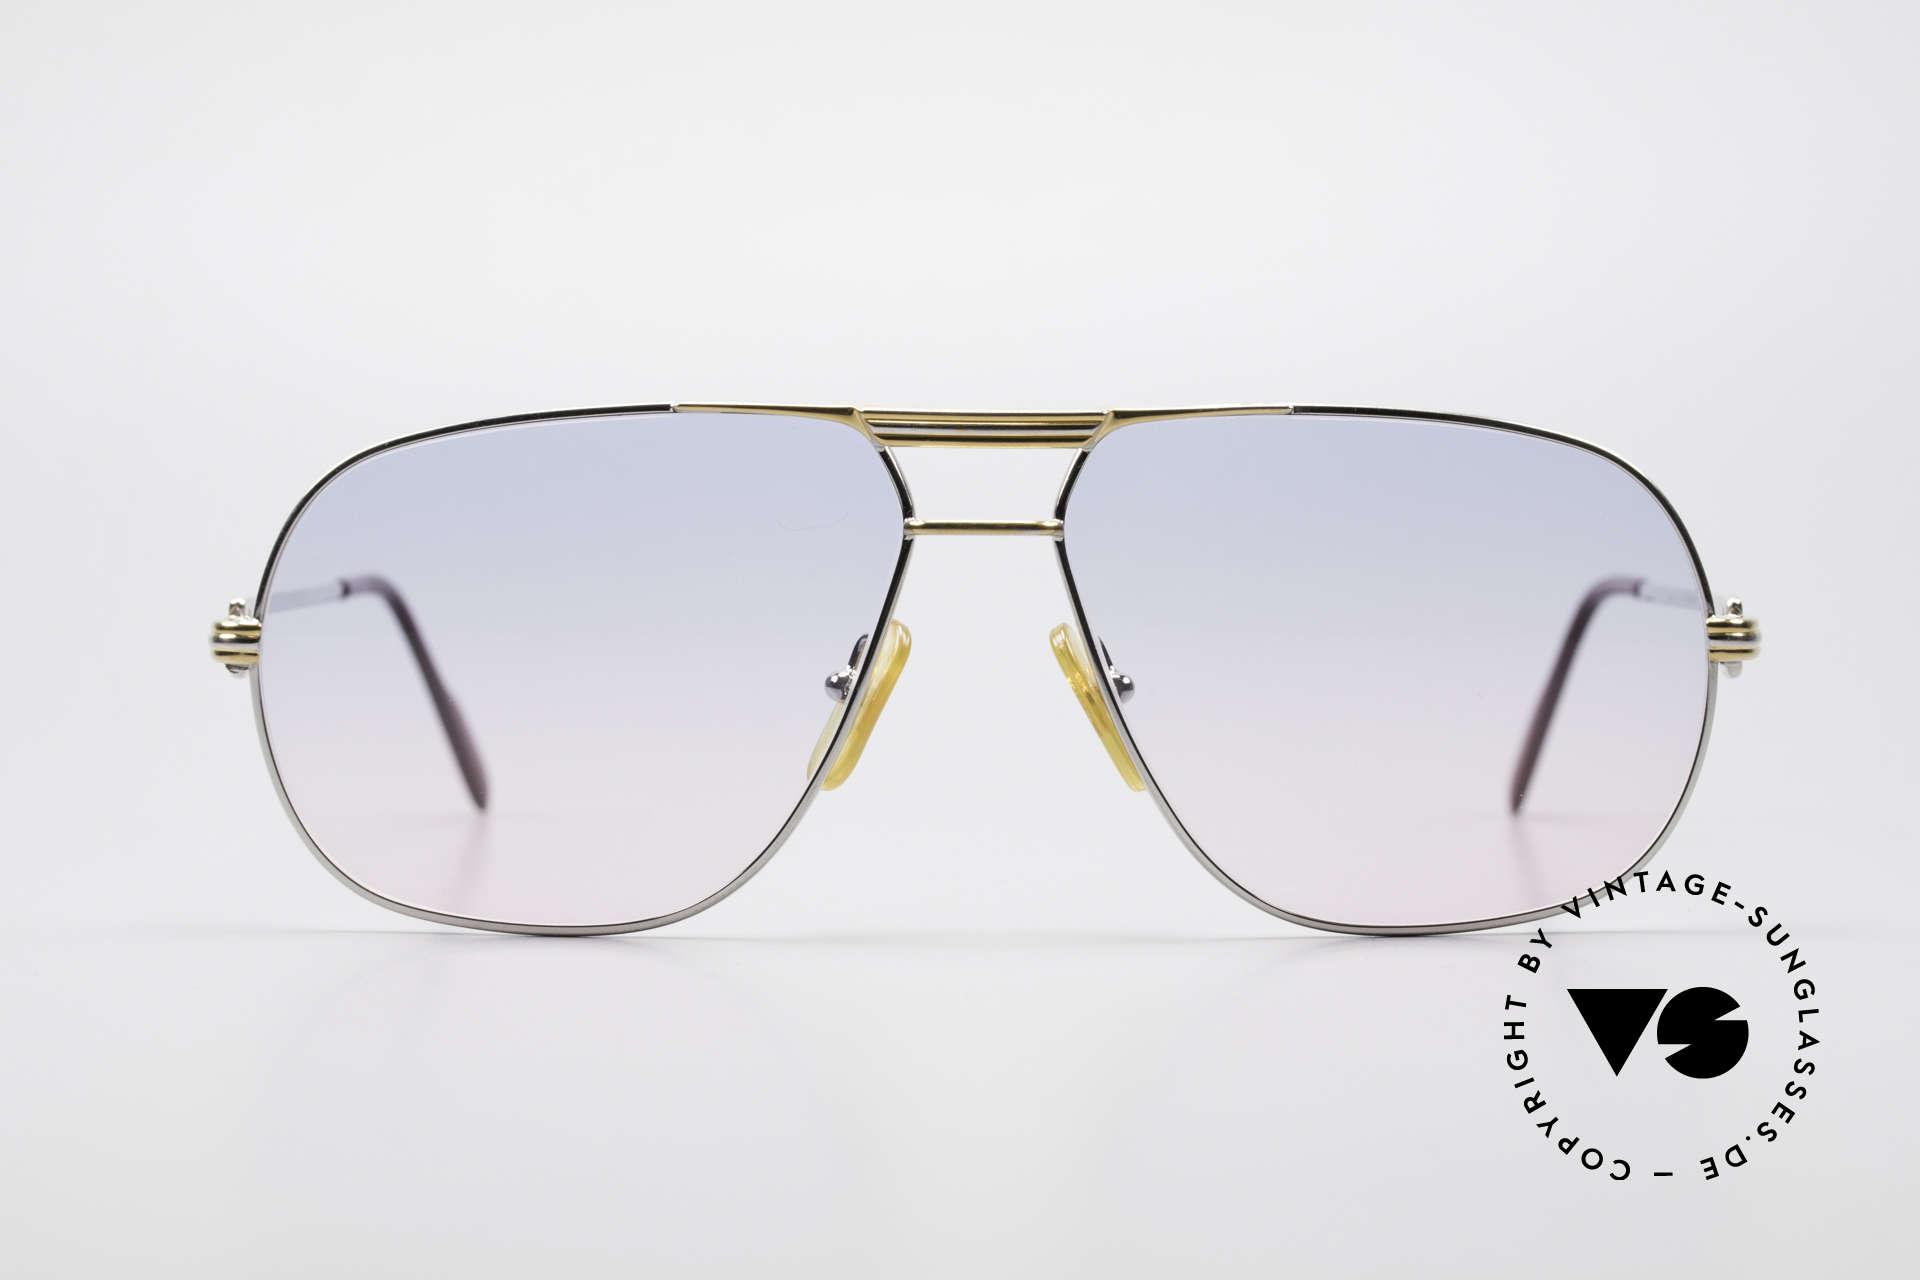 Cartier Tank - L Platin Edition Baby-Blau Pink, kostbare und markante Herrenbrille in zeitlosem Design, Passend für Herren